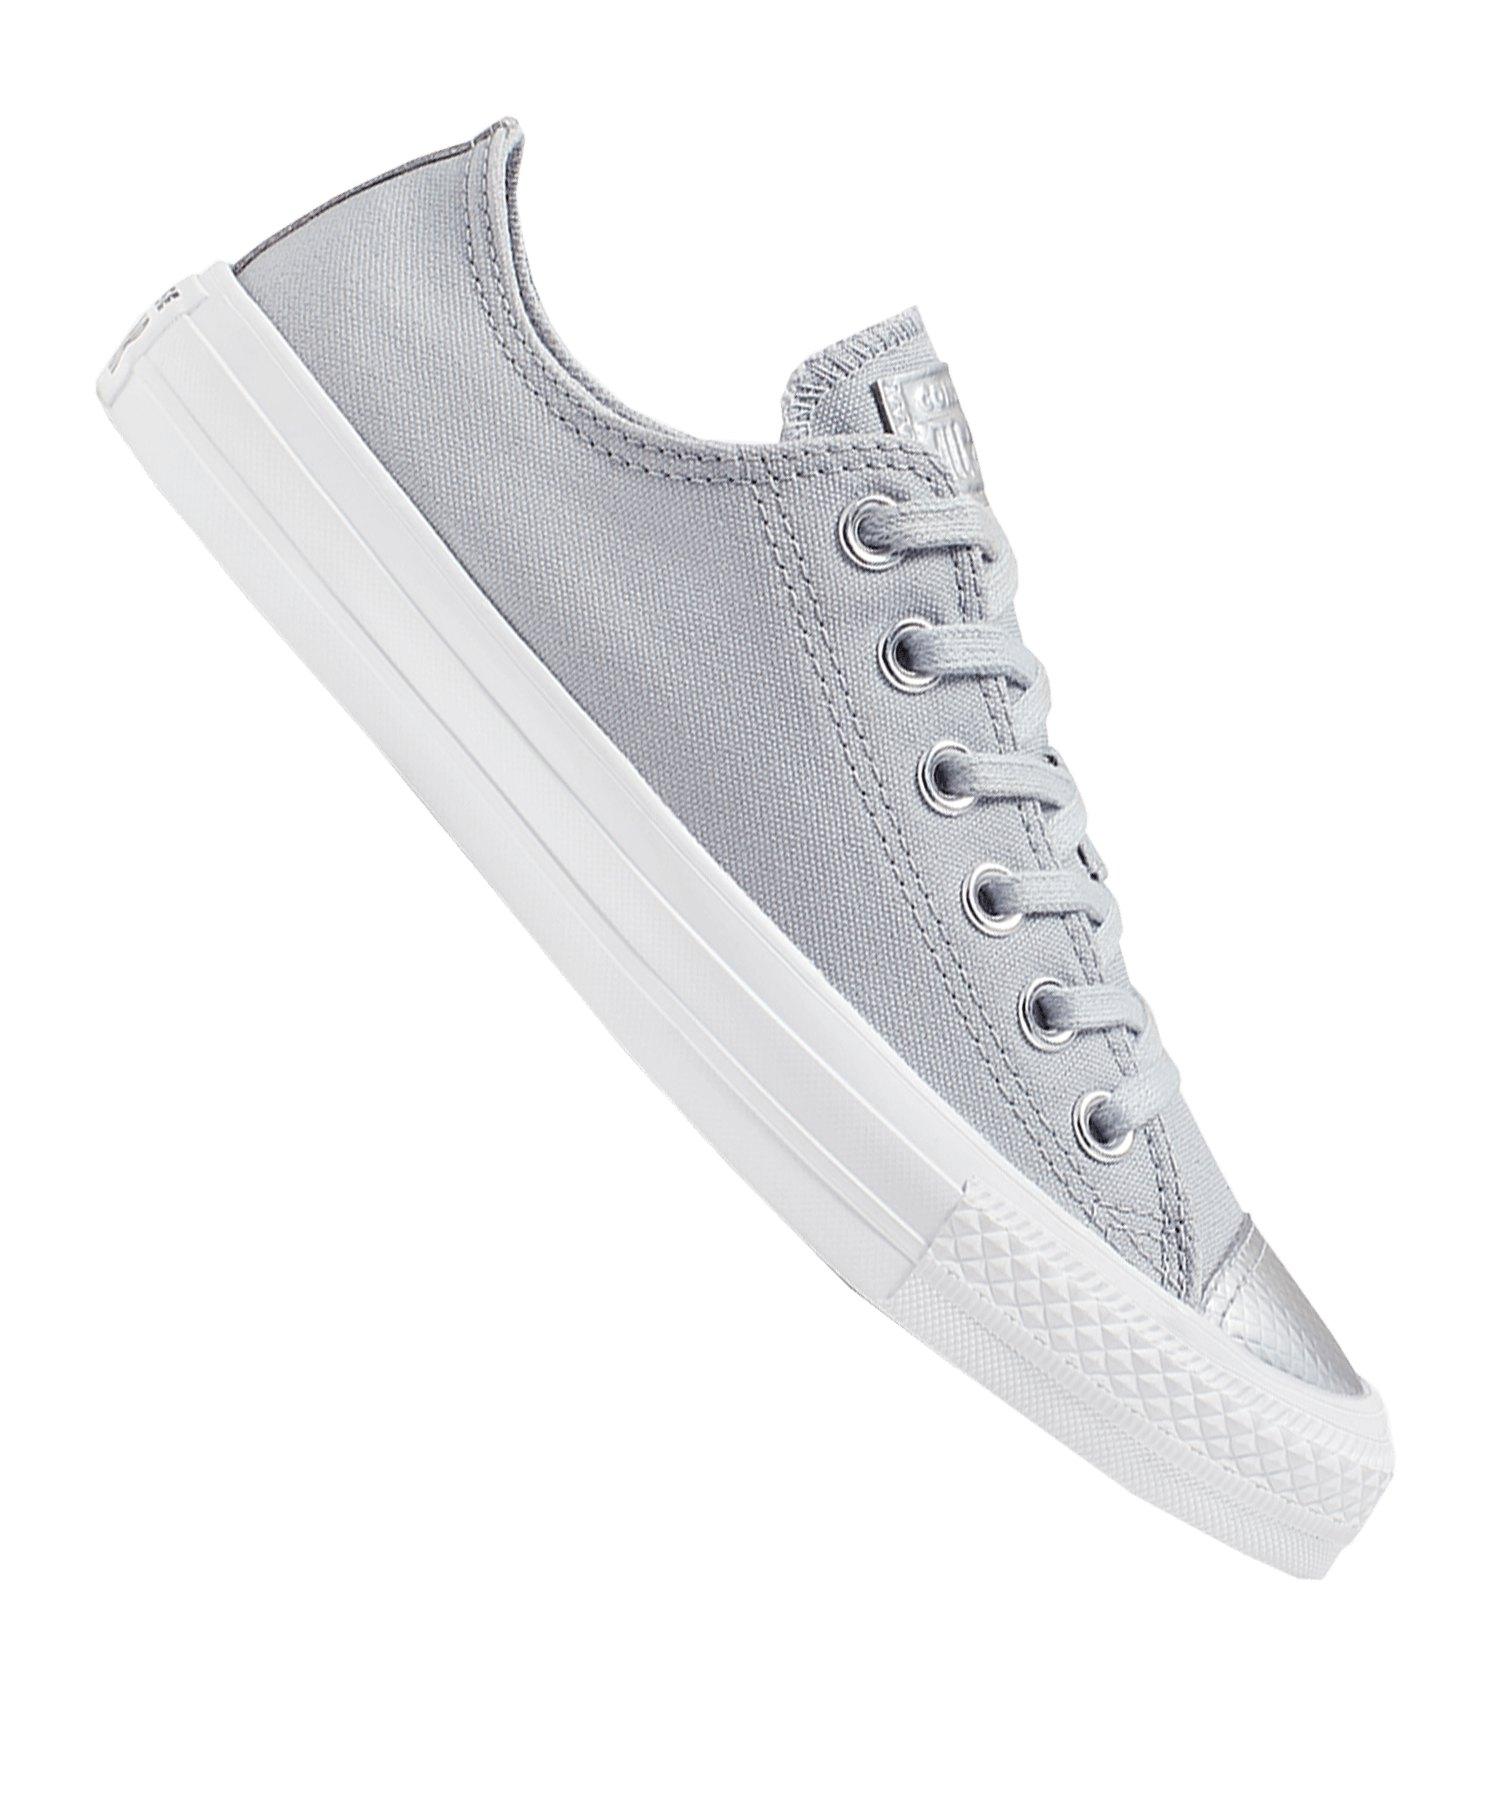 Converse CT AS Stargazer Damen Sneaker Grau F097 - grau